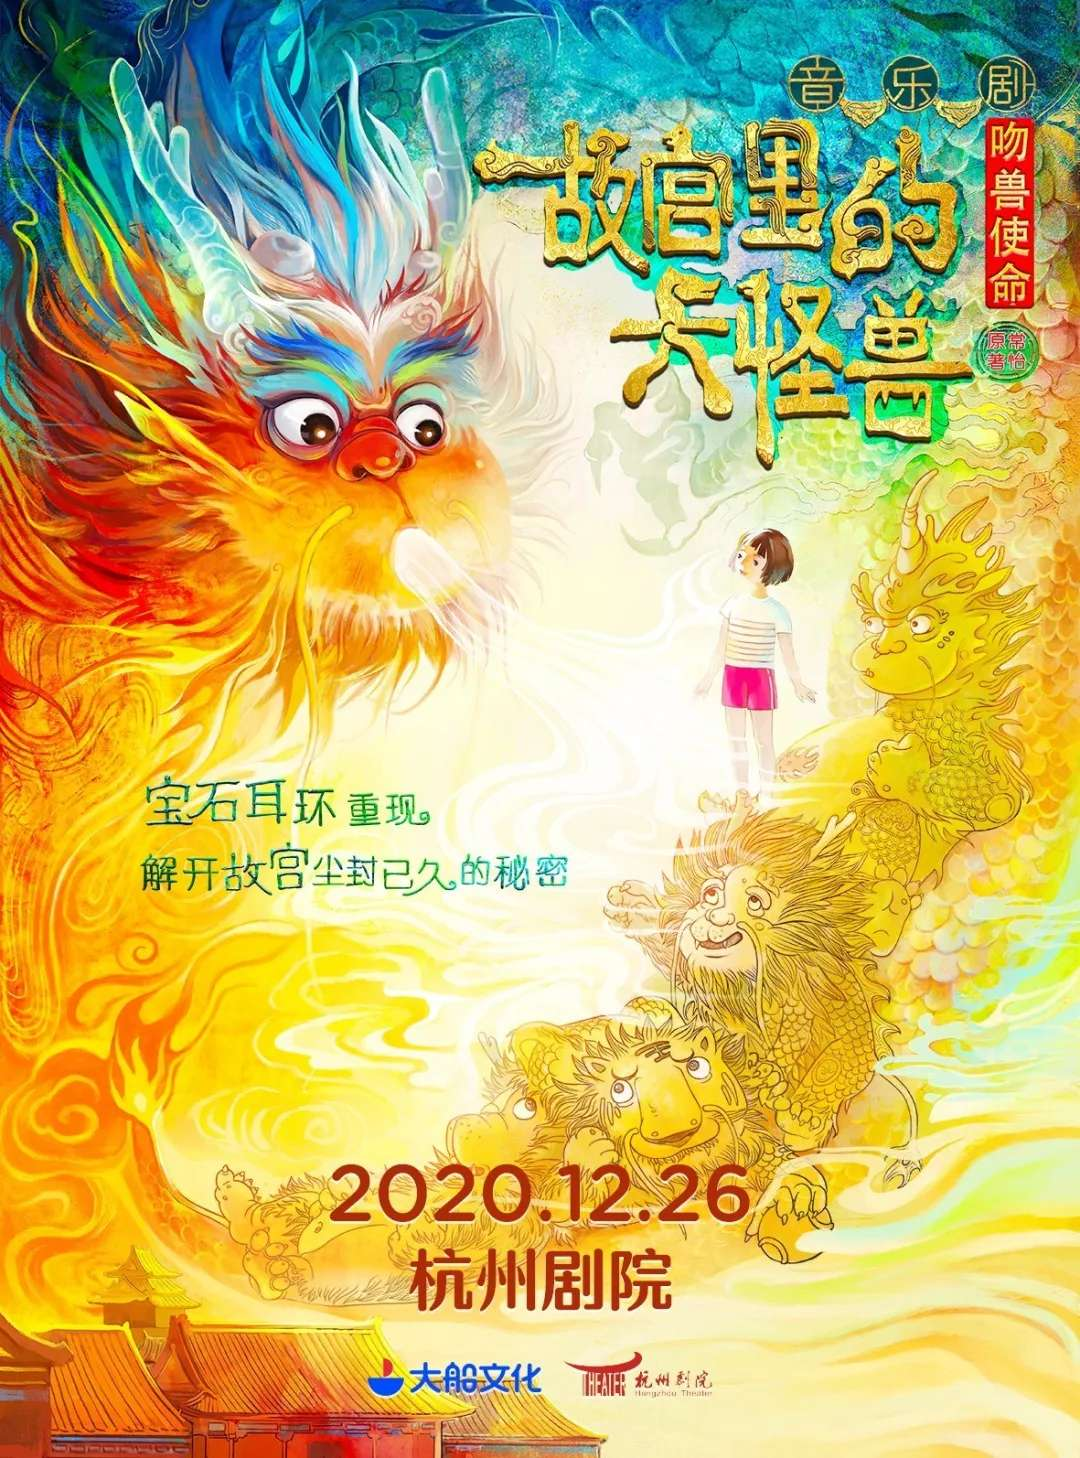 【杭州】家庭音乐剧 《故宫里的大怪兽之吻兽使命》